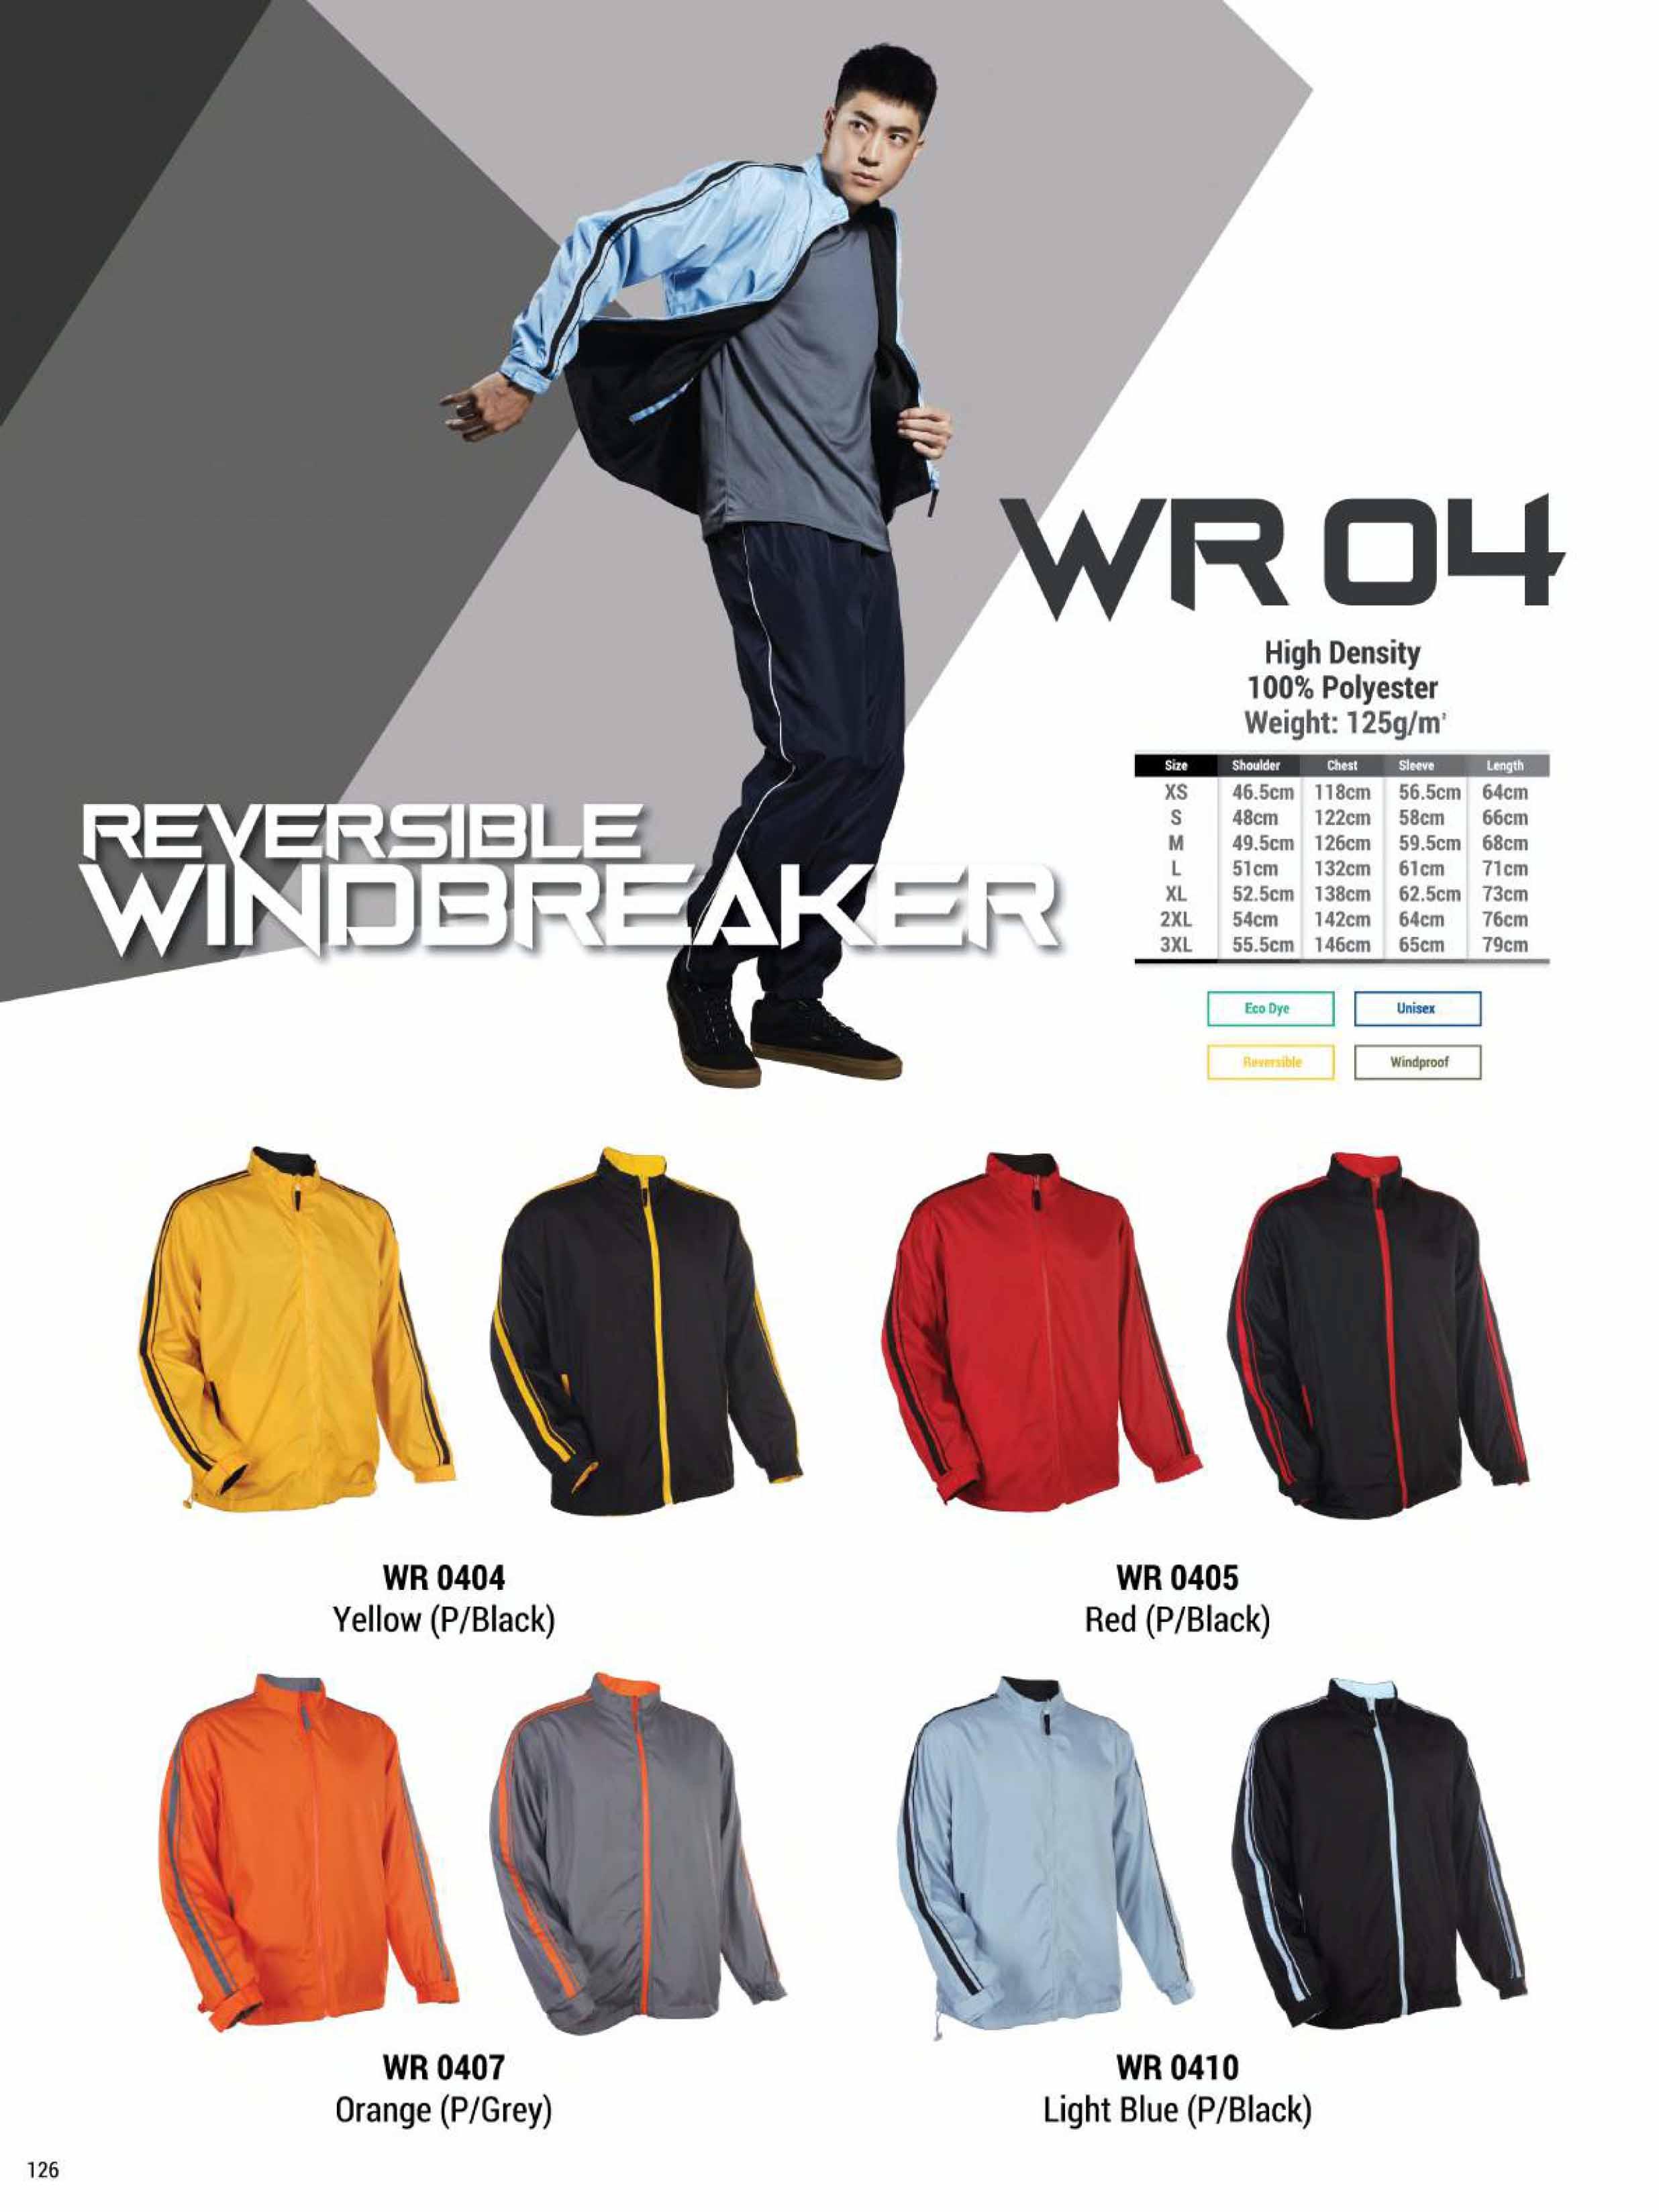 WR04 REVERSIBLE WINDBREAKER